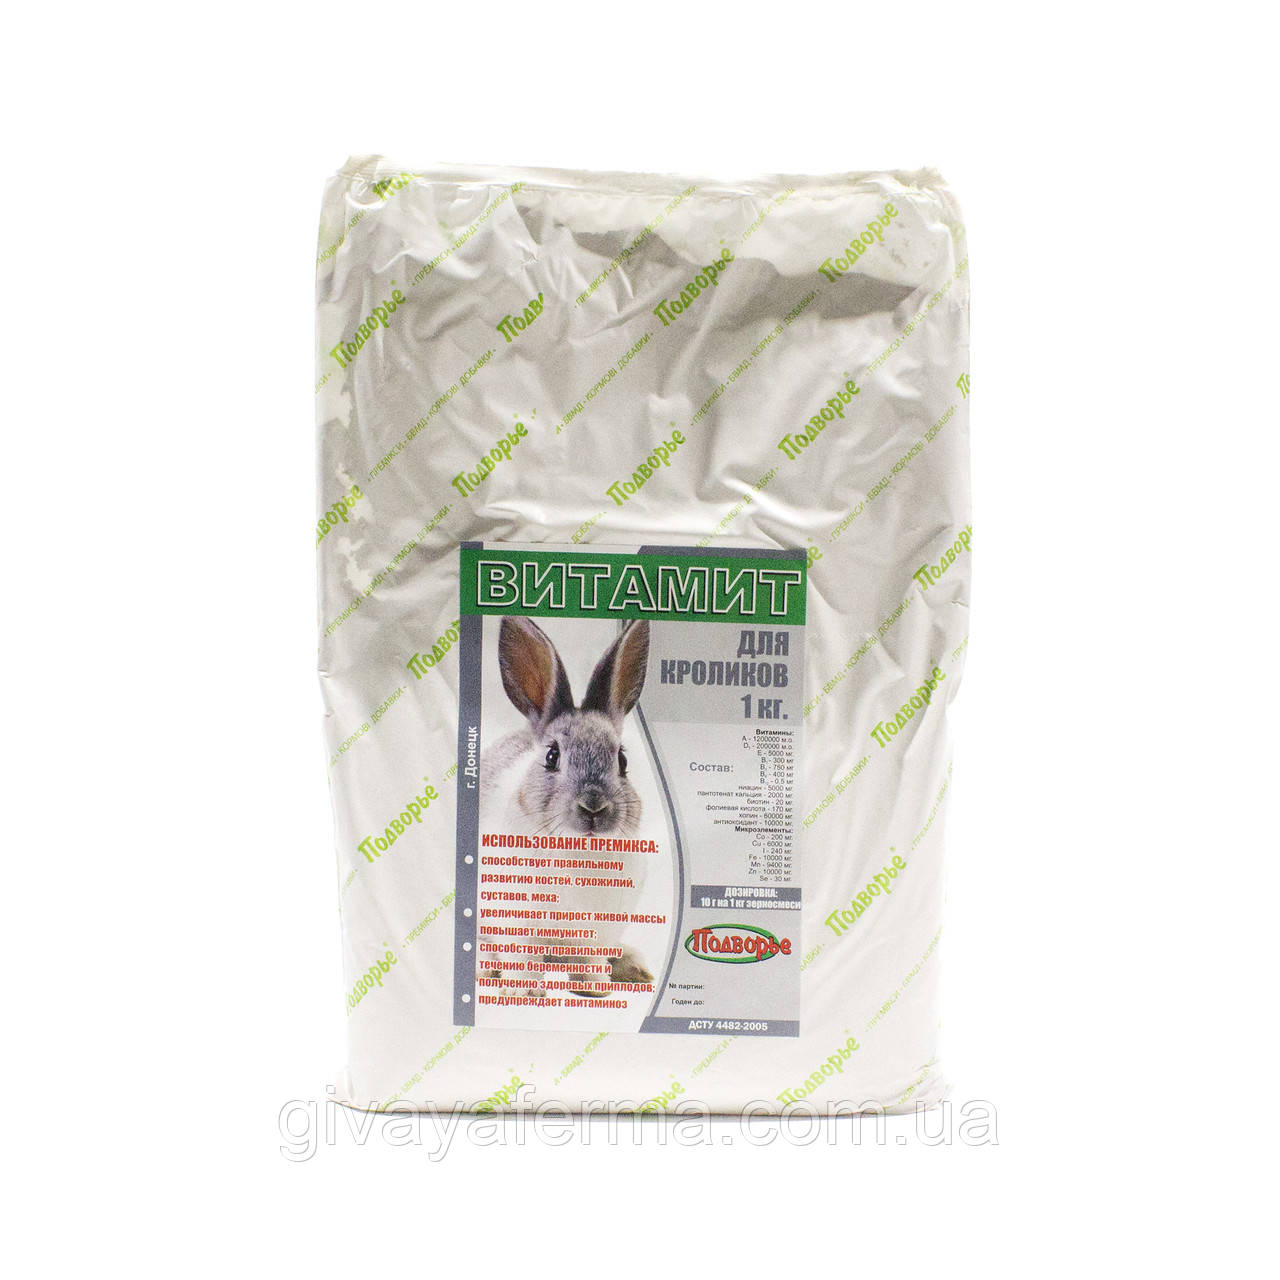 Премикс Витамит - кролик 1%, 1 кг (витамины, микроэлементы)